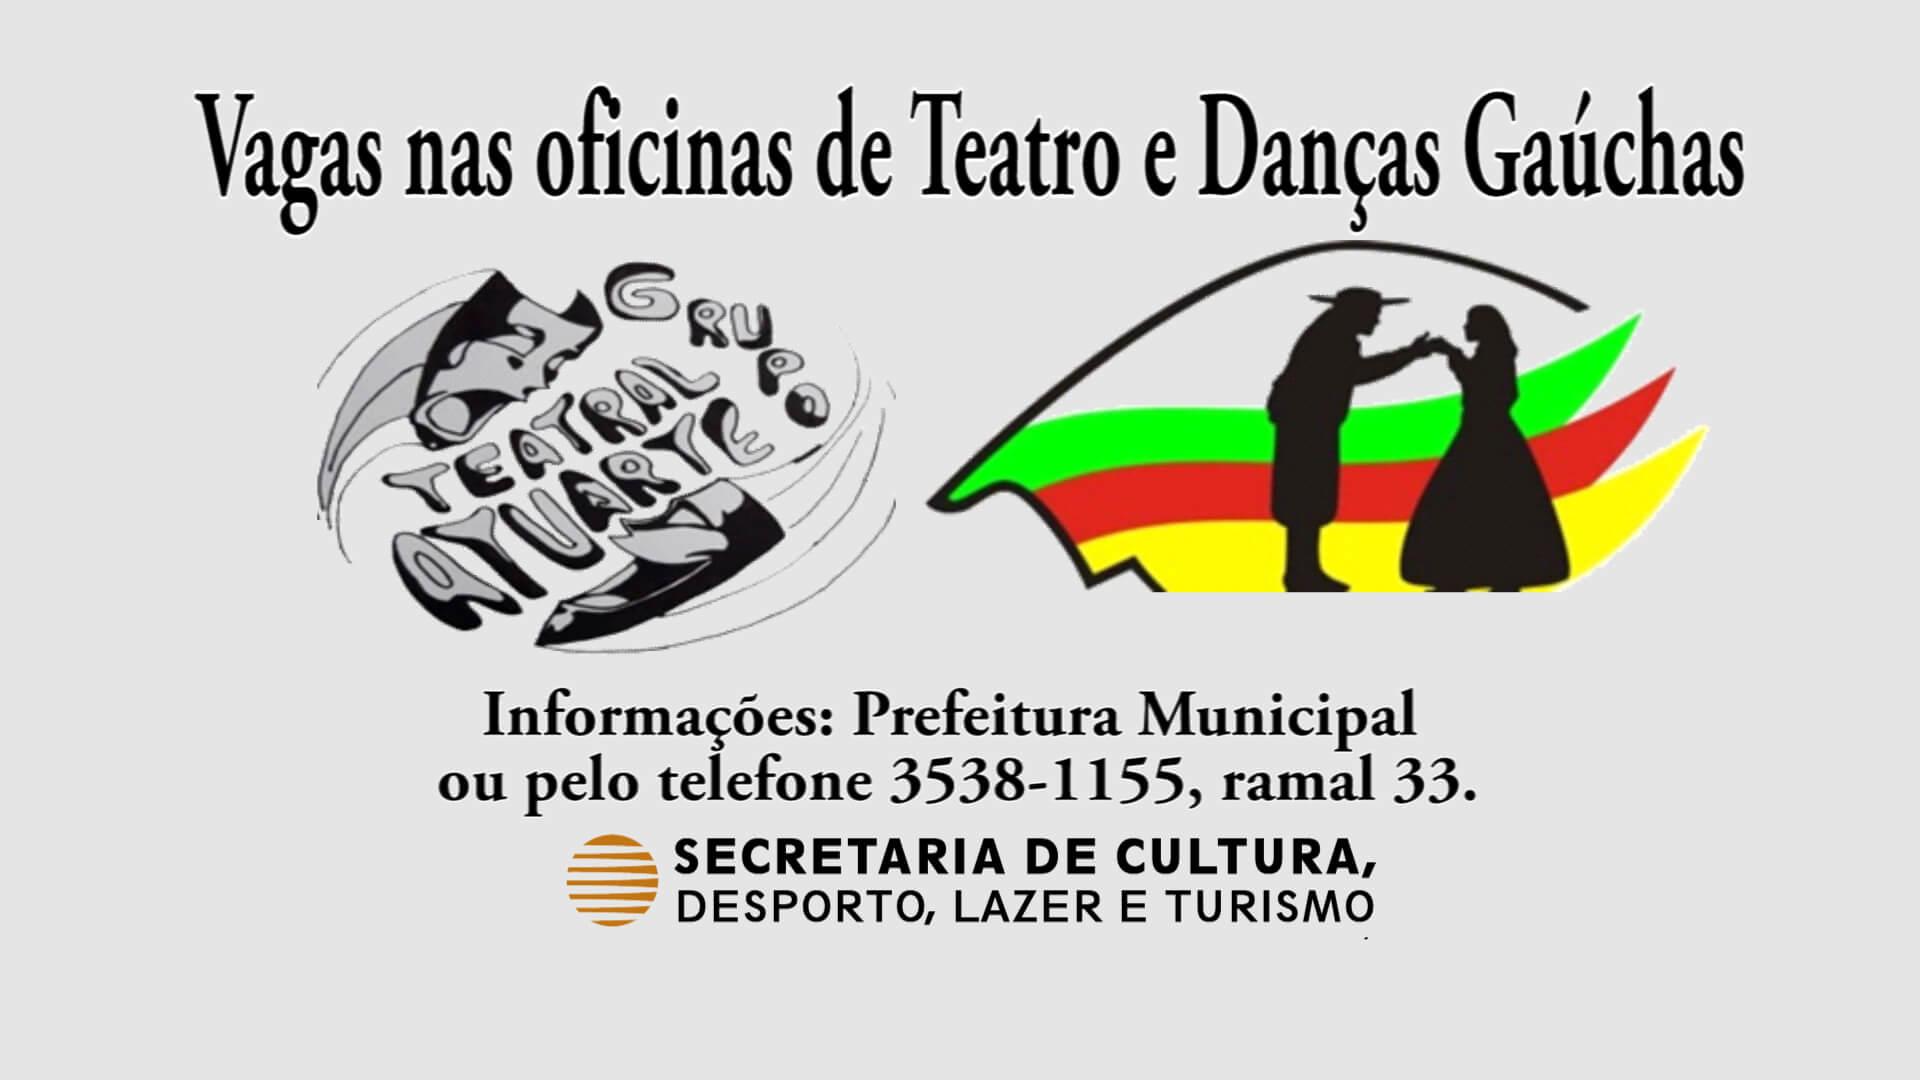 Vagas nas oficinas de Teatro e Danças Gaúchas